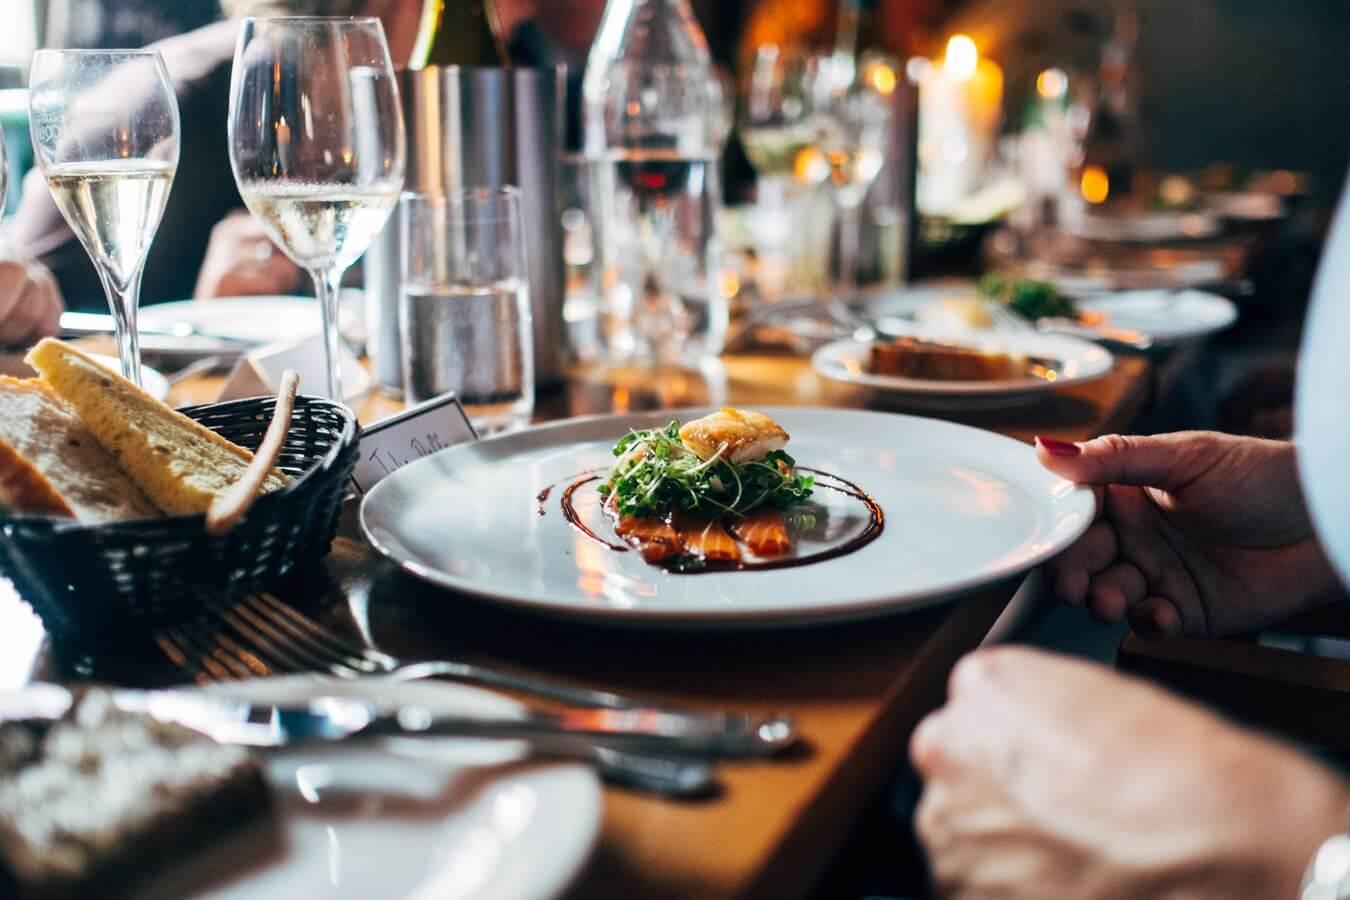 Ресторан, тарелка с блюдом